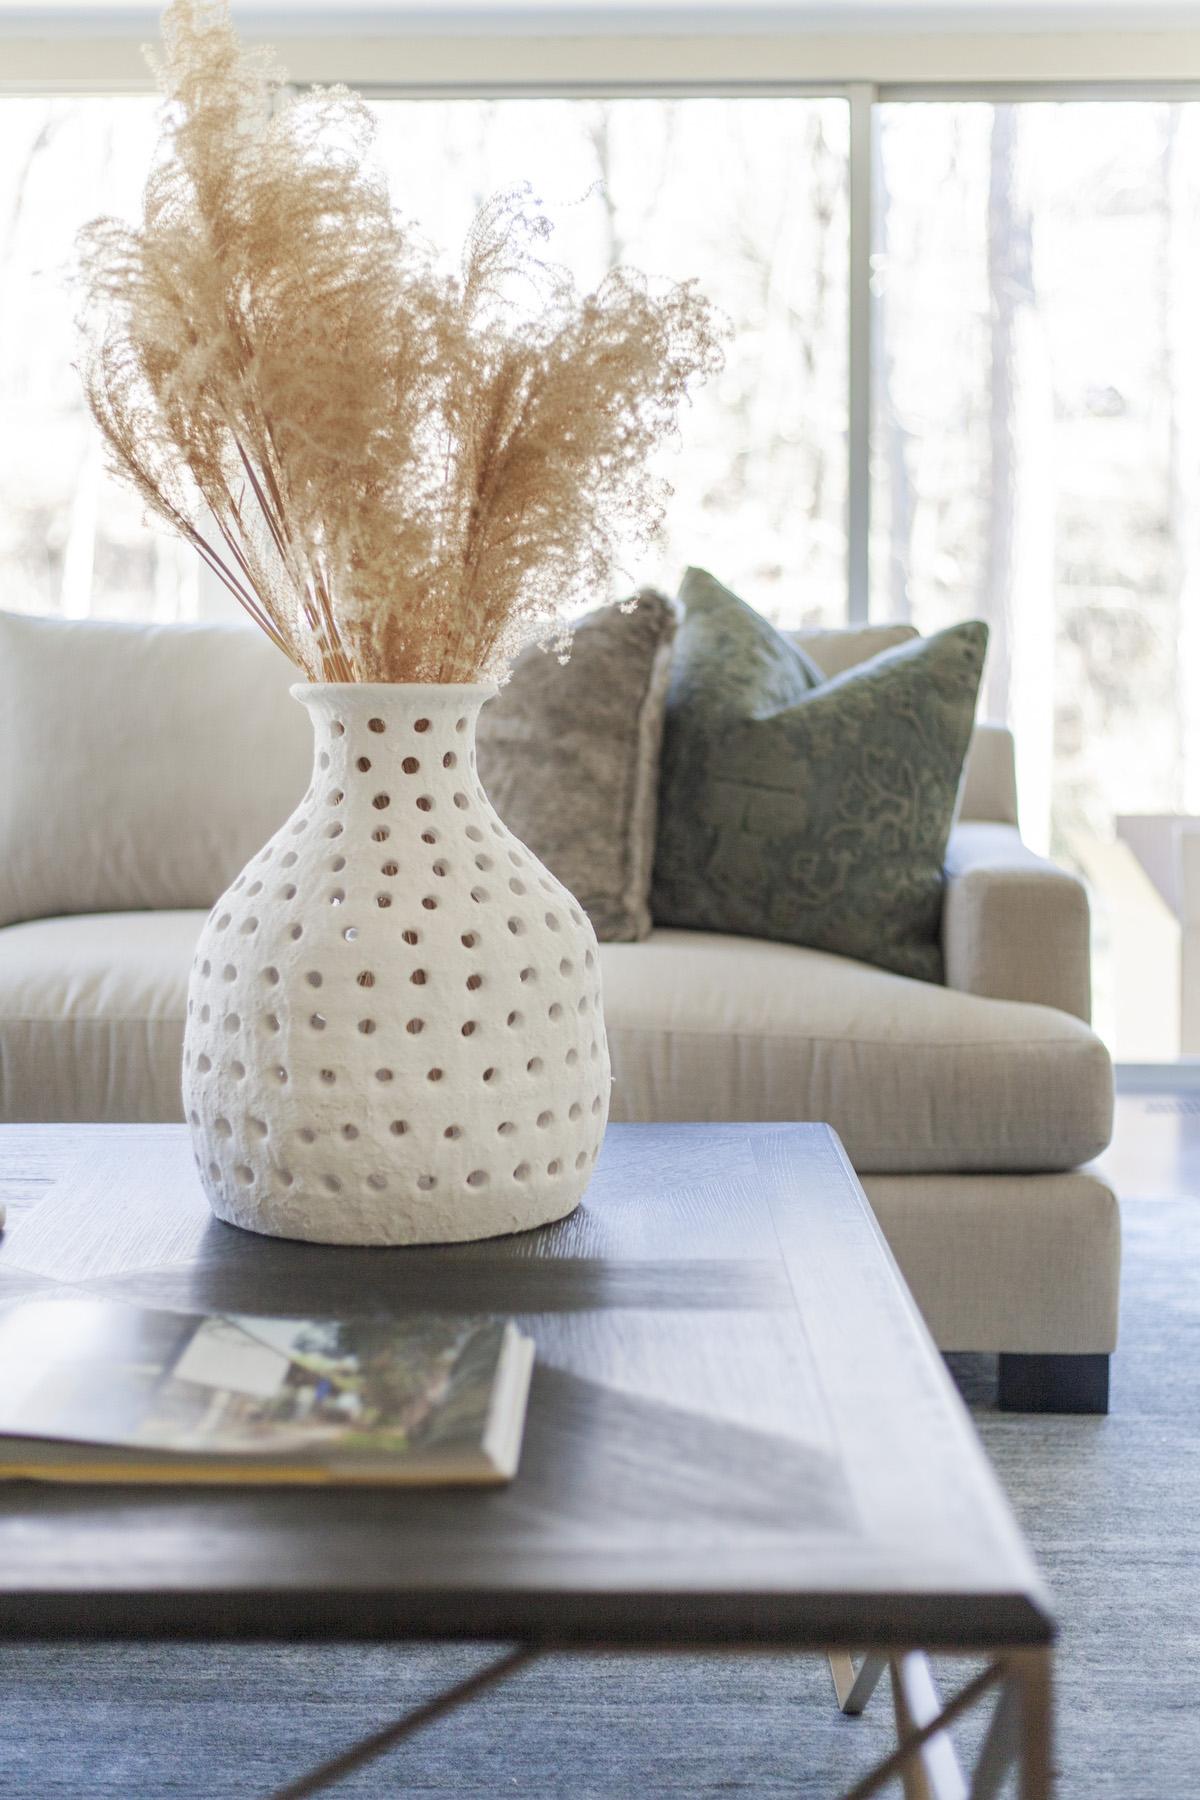 SHOP THE LOOK:   Porous Vase